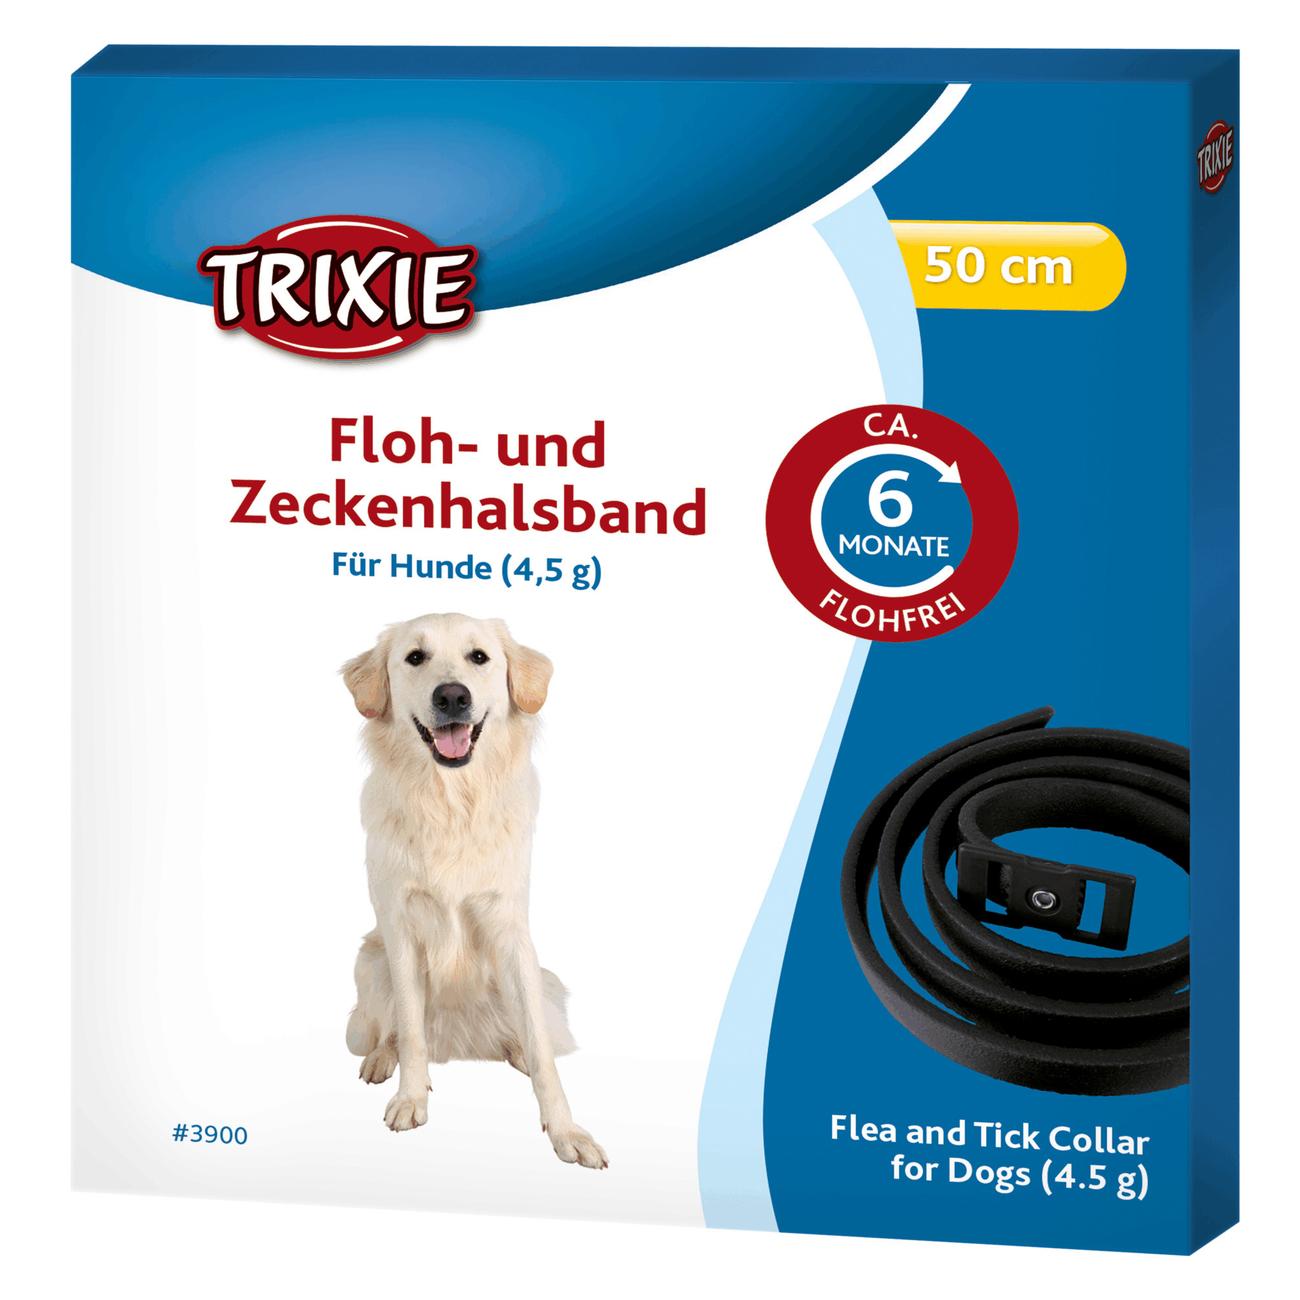 Trixie Flohhalsband und Zeckenhalsband für Hunde 3900, Bild 4